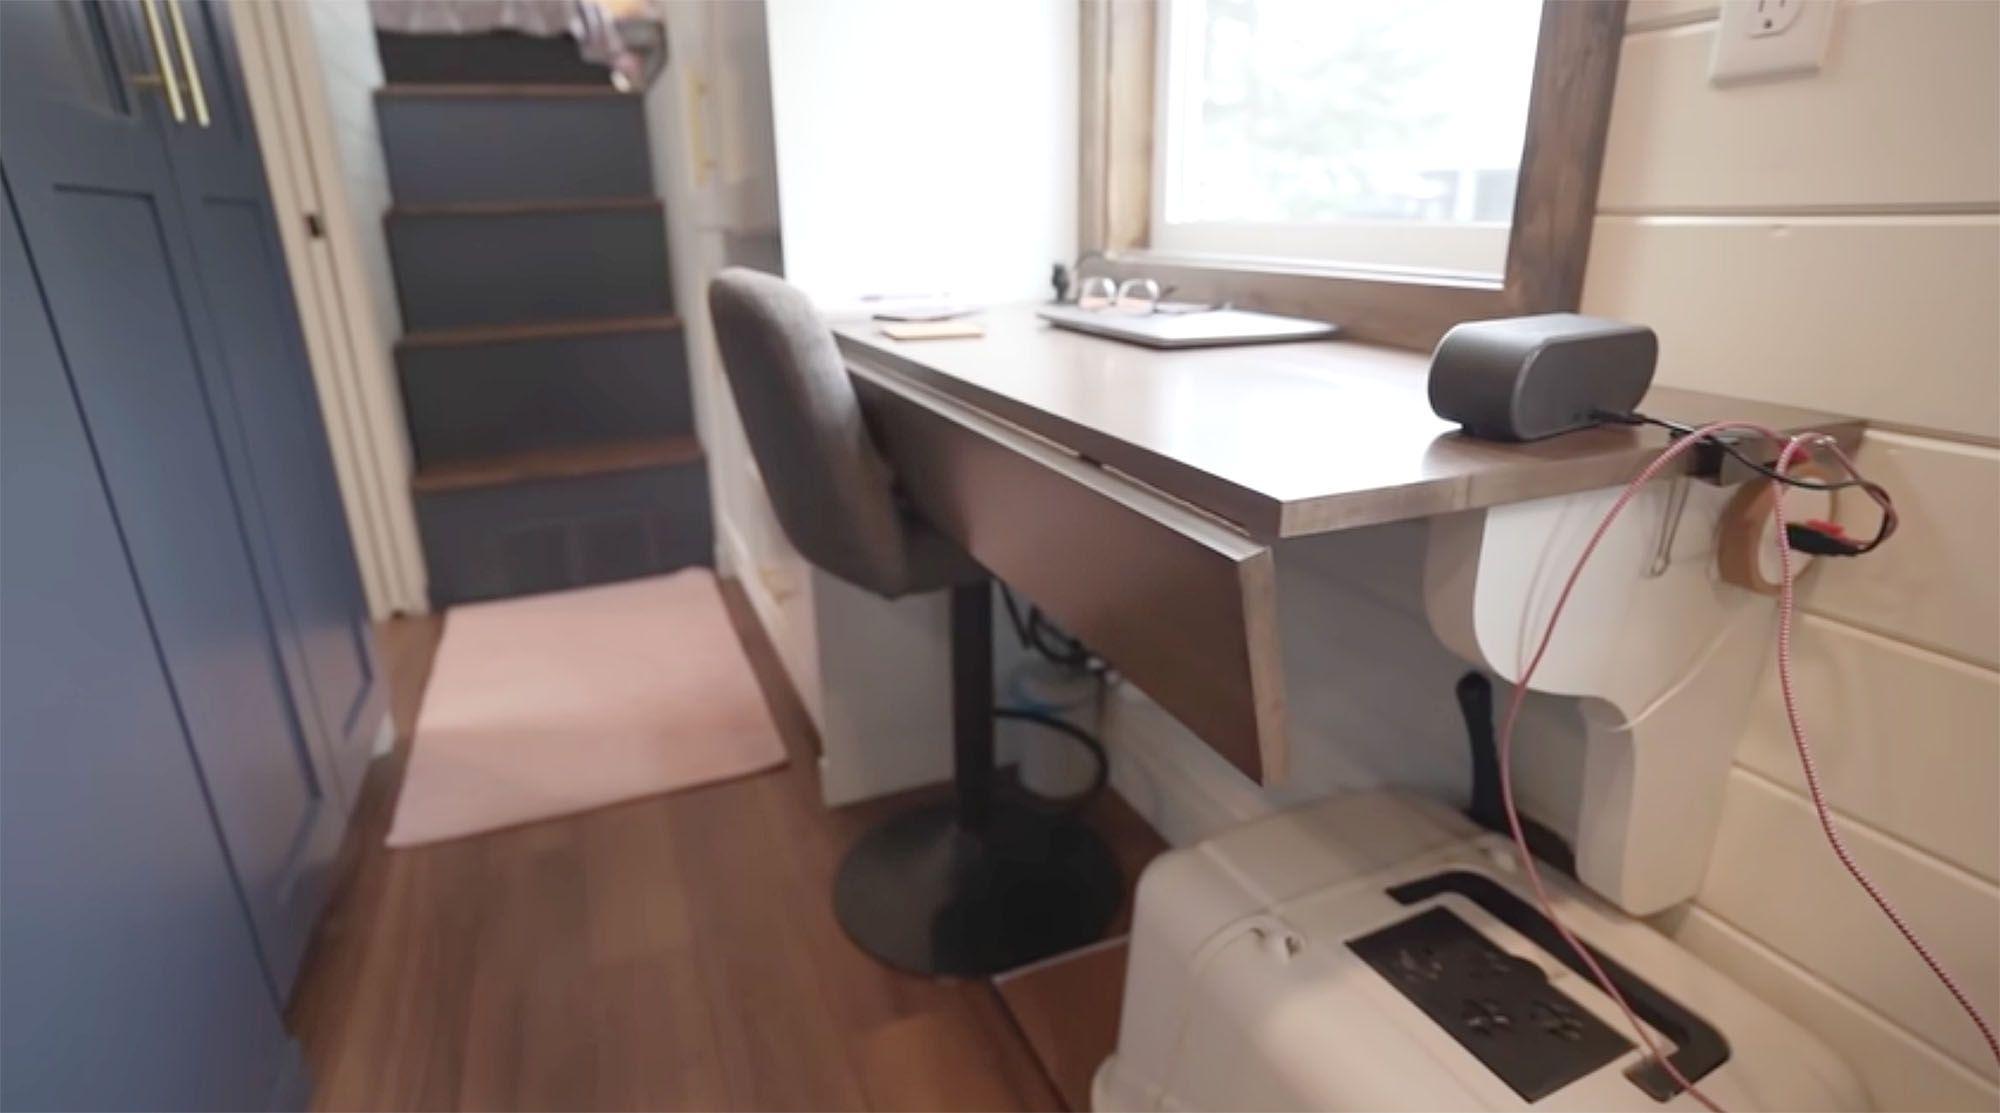 Serendipity tiny house office desk